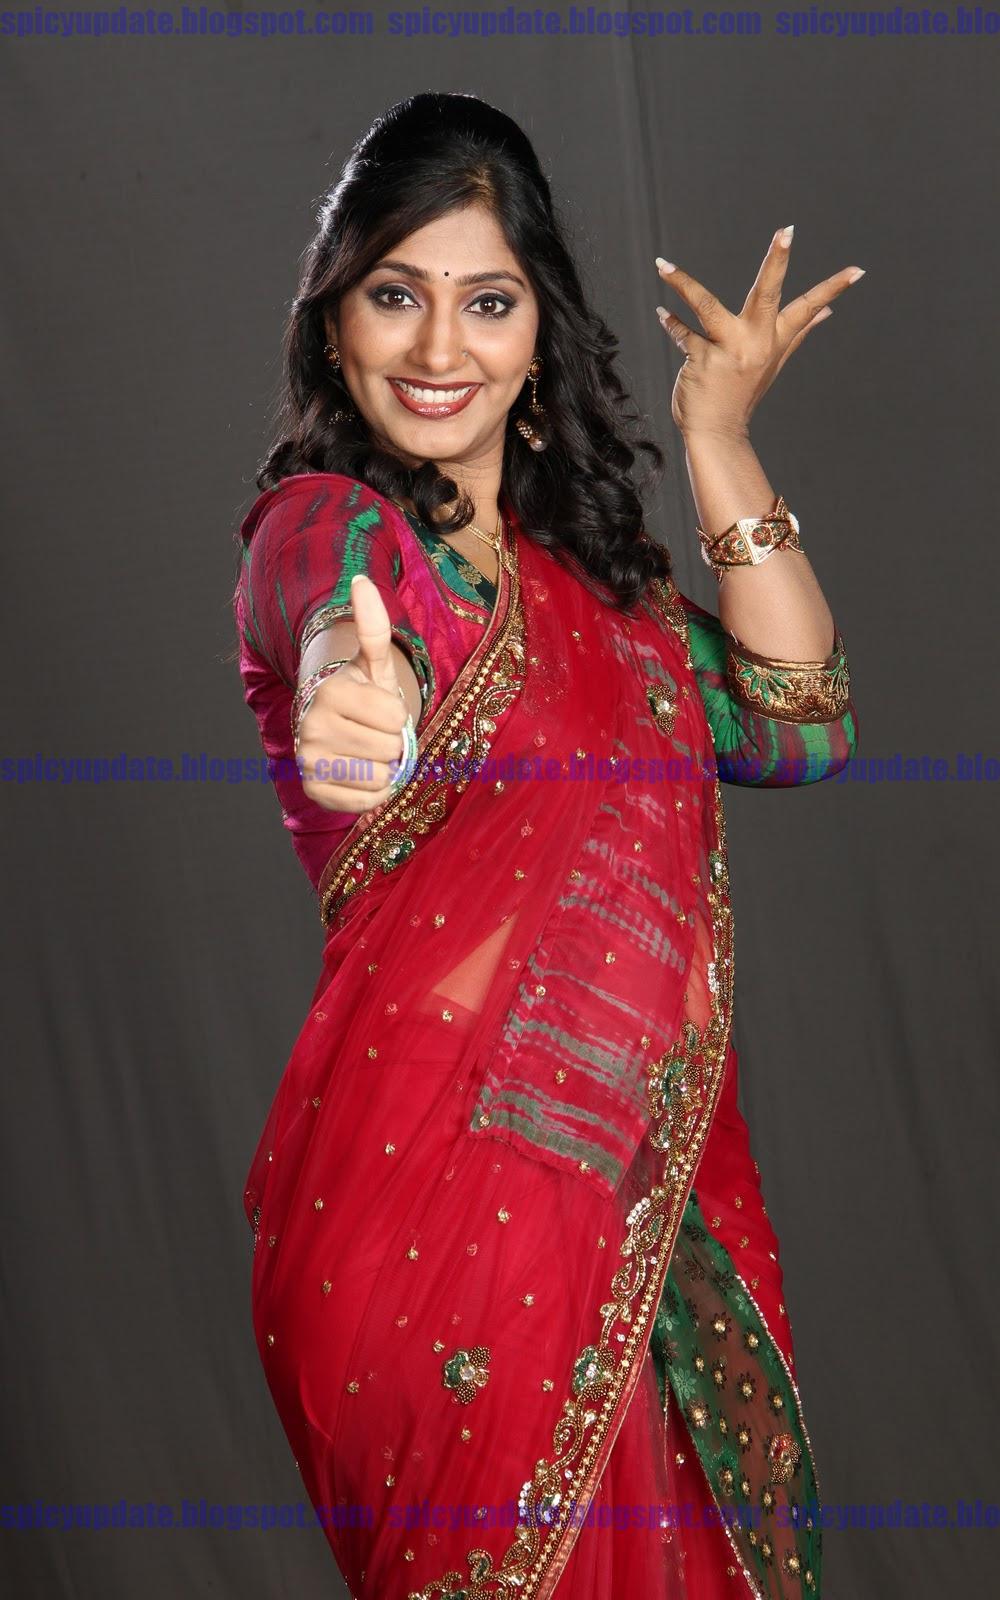 Spicy Saree: SPICY UPDATE: Jhansi Latest Red Hot Spicy Stills In Saree